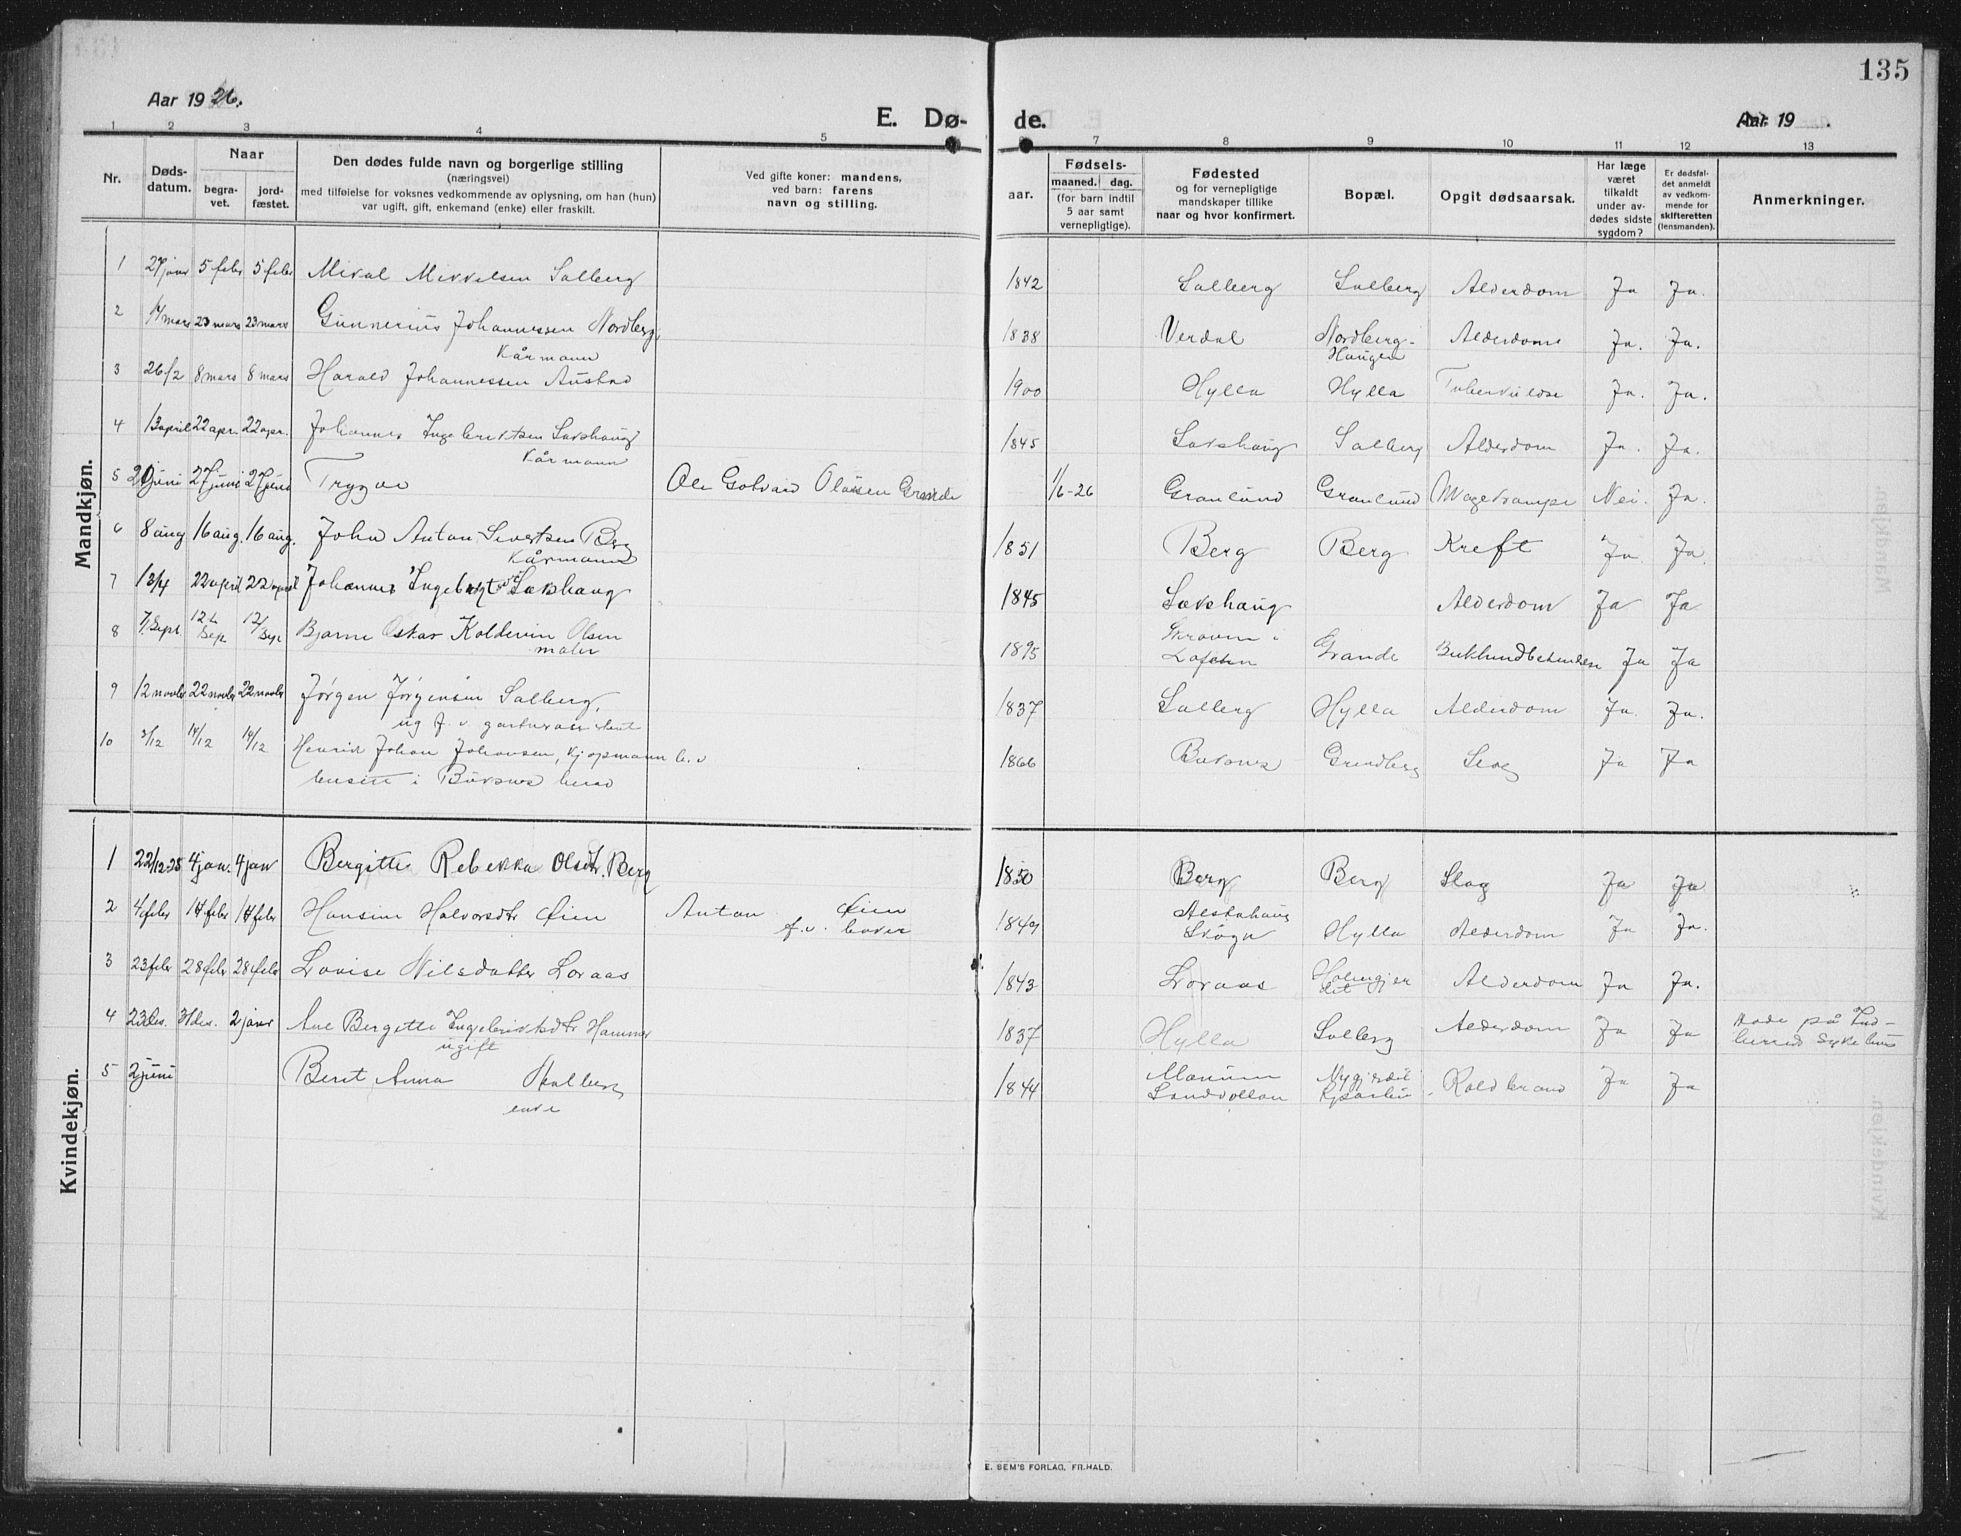 SAT, Ministerialprotokoller, klokkerbøker og fødselsregistre - Nord-Trøndelag, 731/L0312: Klokkerbok nr. 731C03, 1911-1935, s. 135